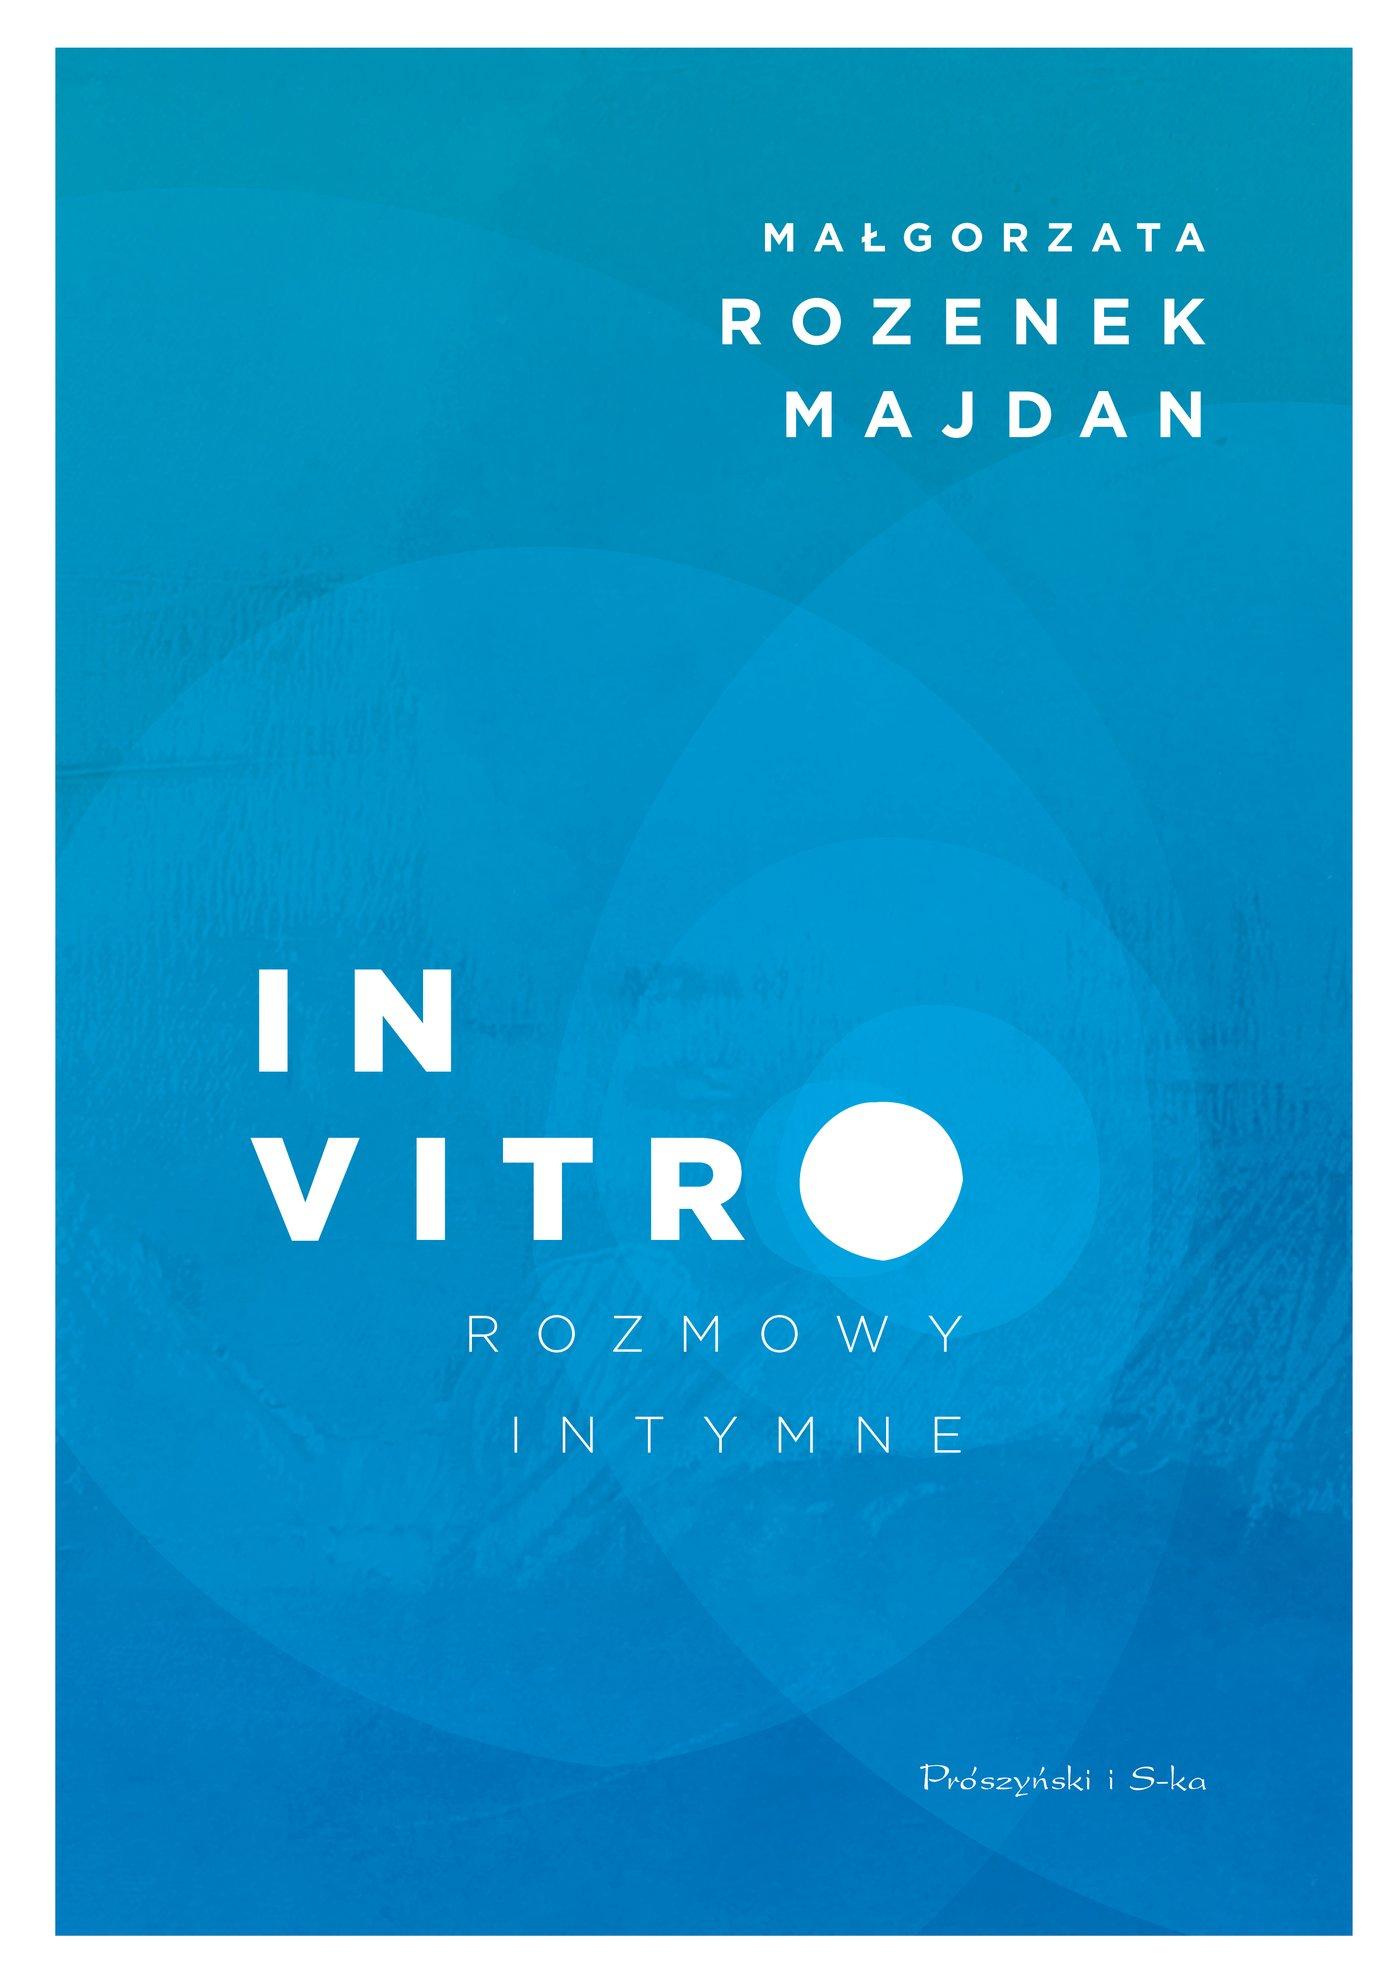 In vitro. Rozmowy intymne - Ebook (Książka na Kindle) do pobrania w formacie MOBI